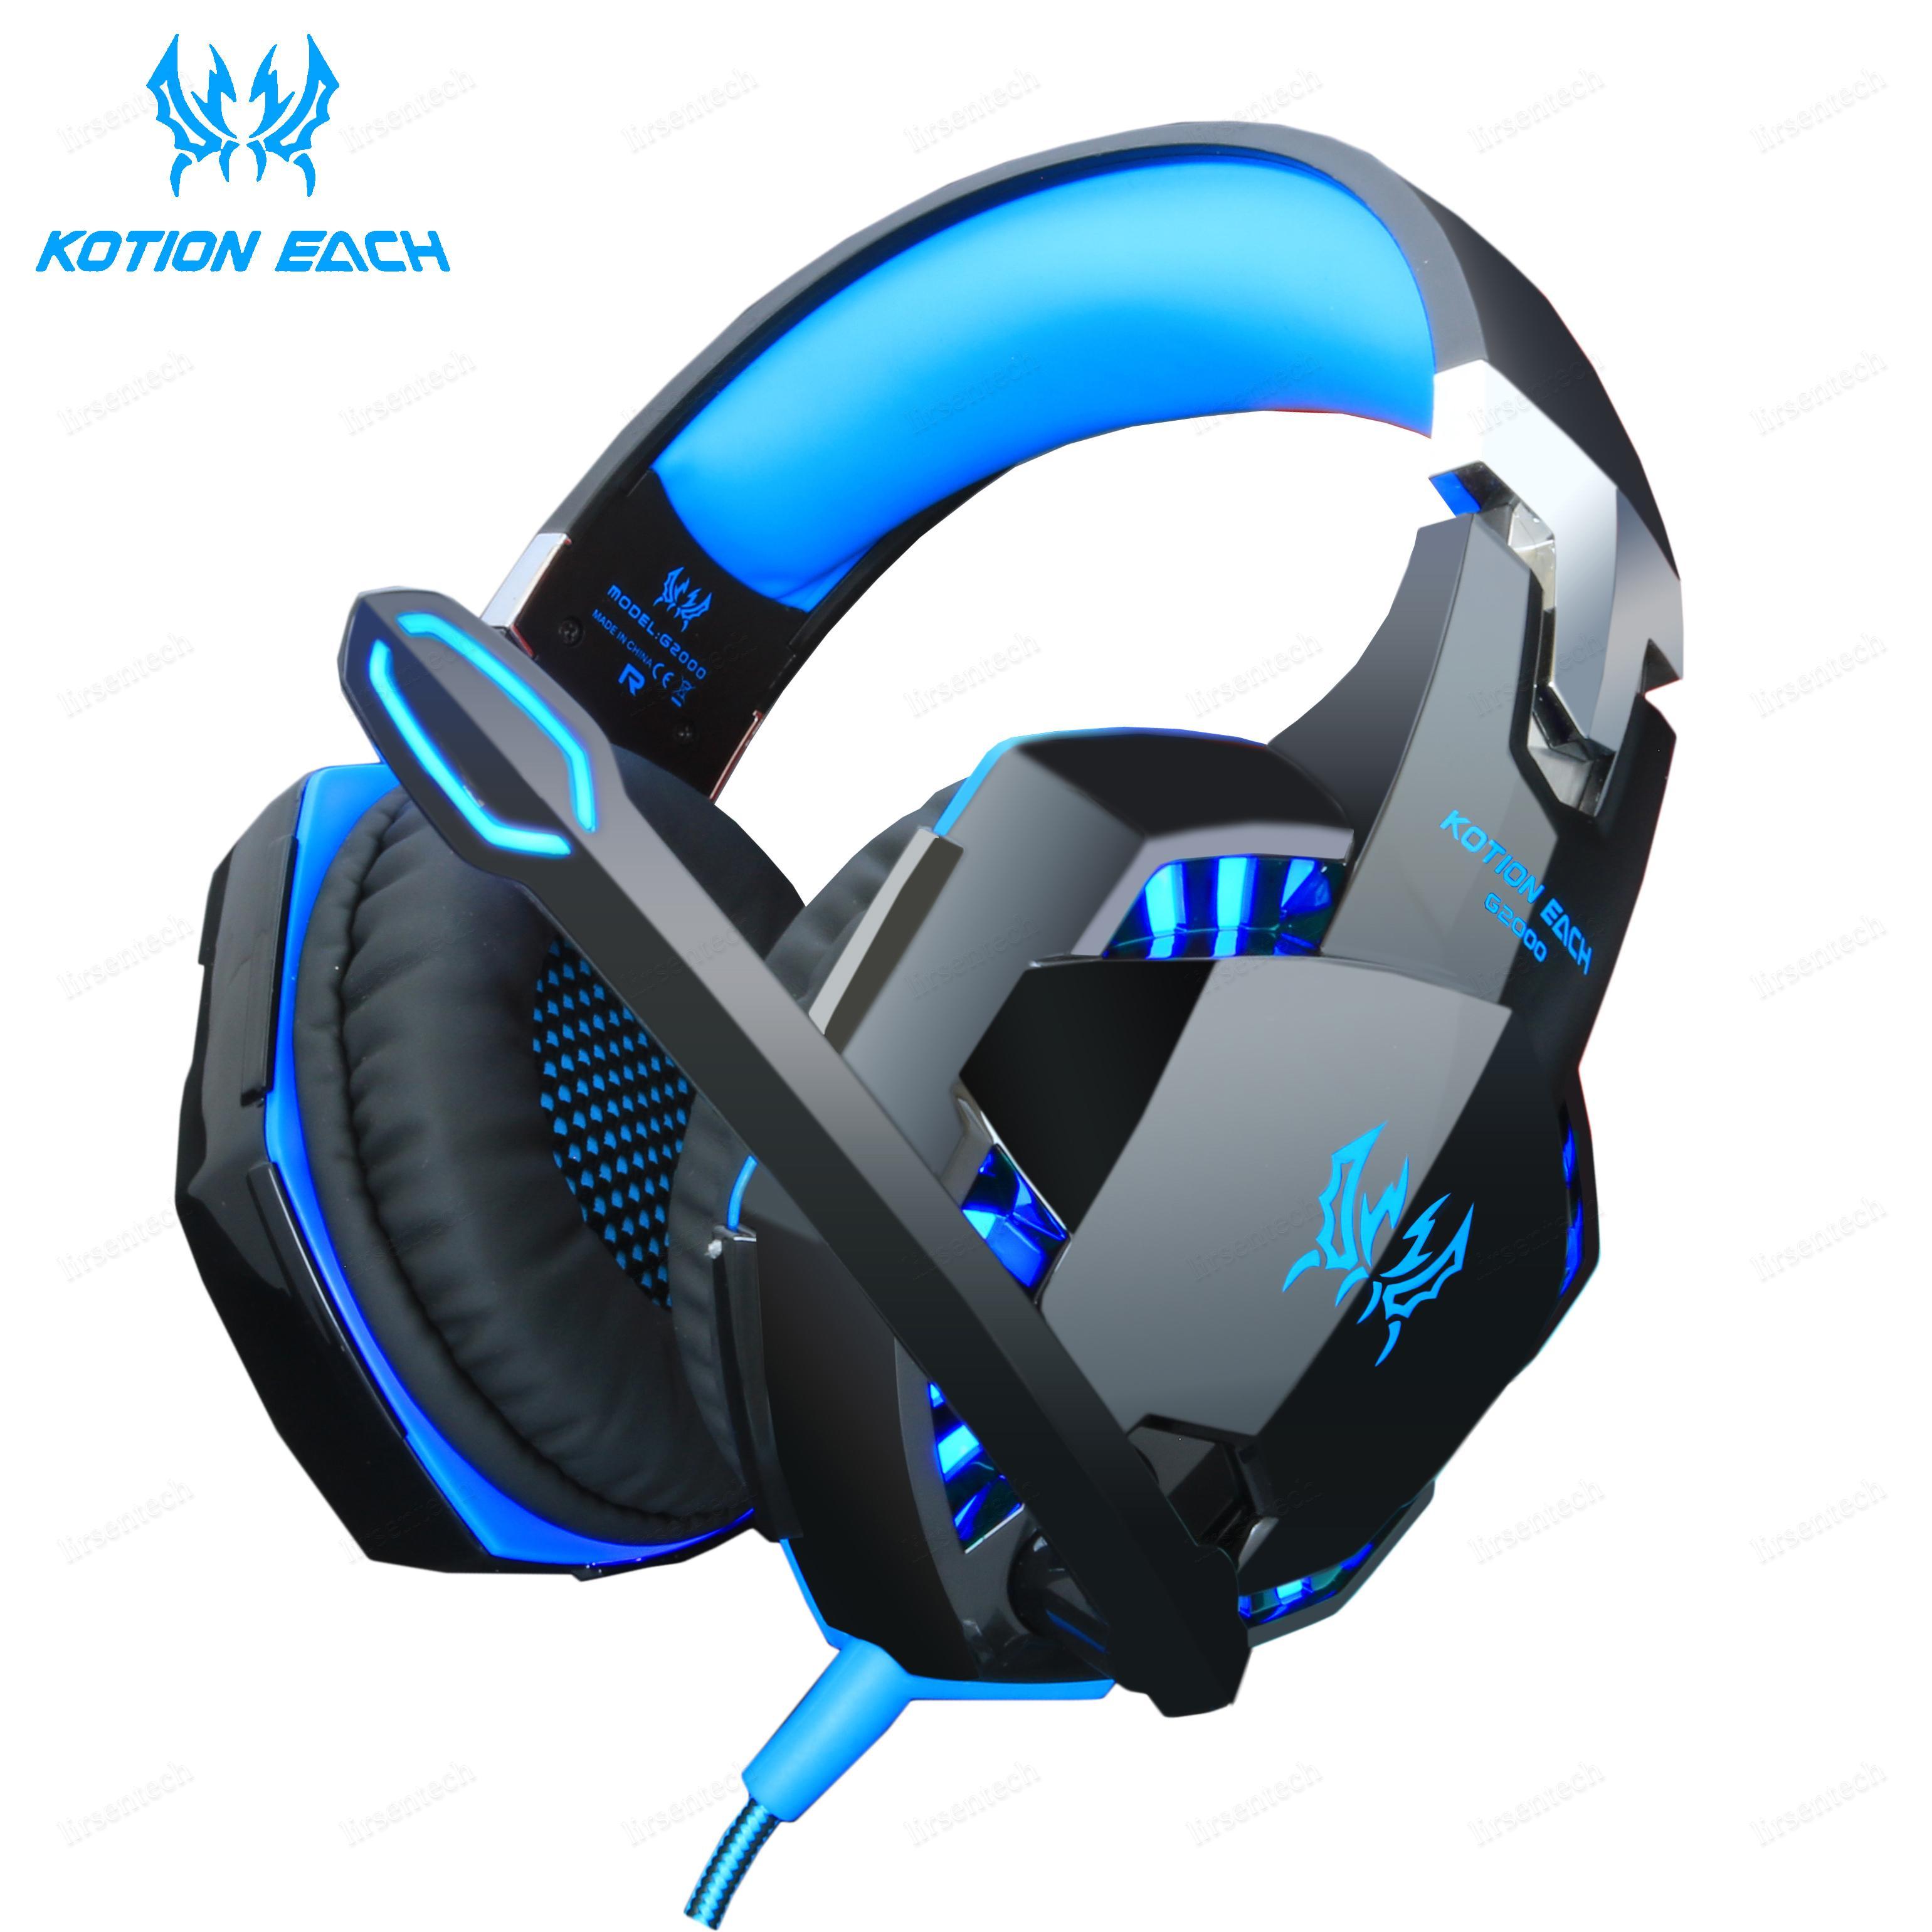 Universal Gaming LED incandescência Headset 3,5 milímetros Oem 7.1 Móvel Headphone Gaming Headset Com cabo do microfone Para Gaming Para Ps4 New Xbox Jogo PC